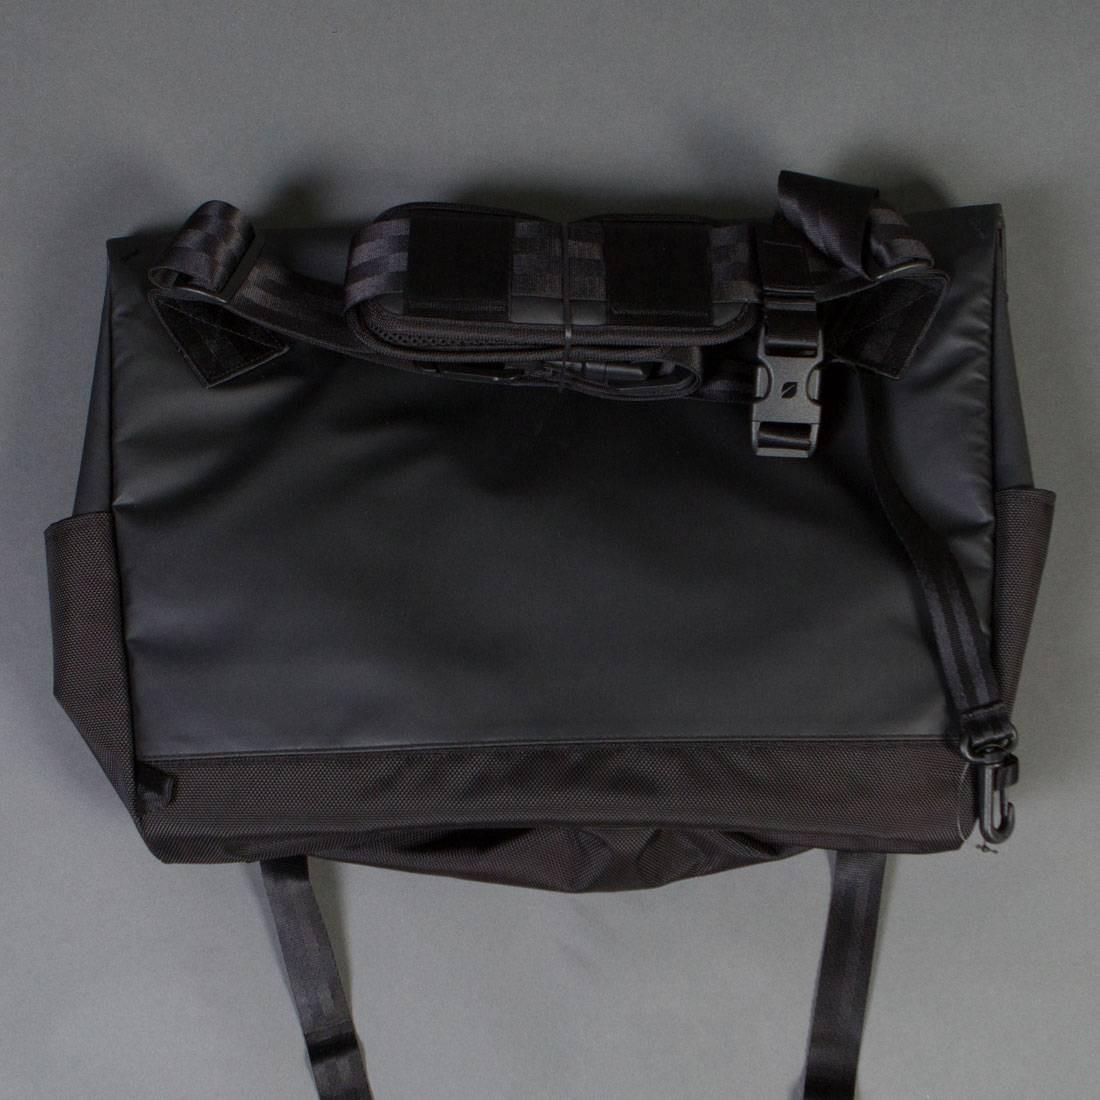 55e35af5dc90 Incase Range Messenger Bag - Large (black   lumen)